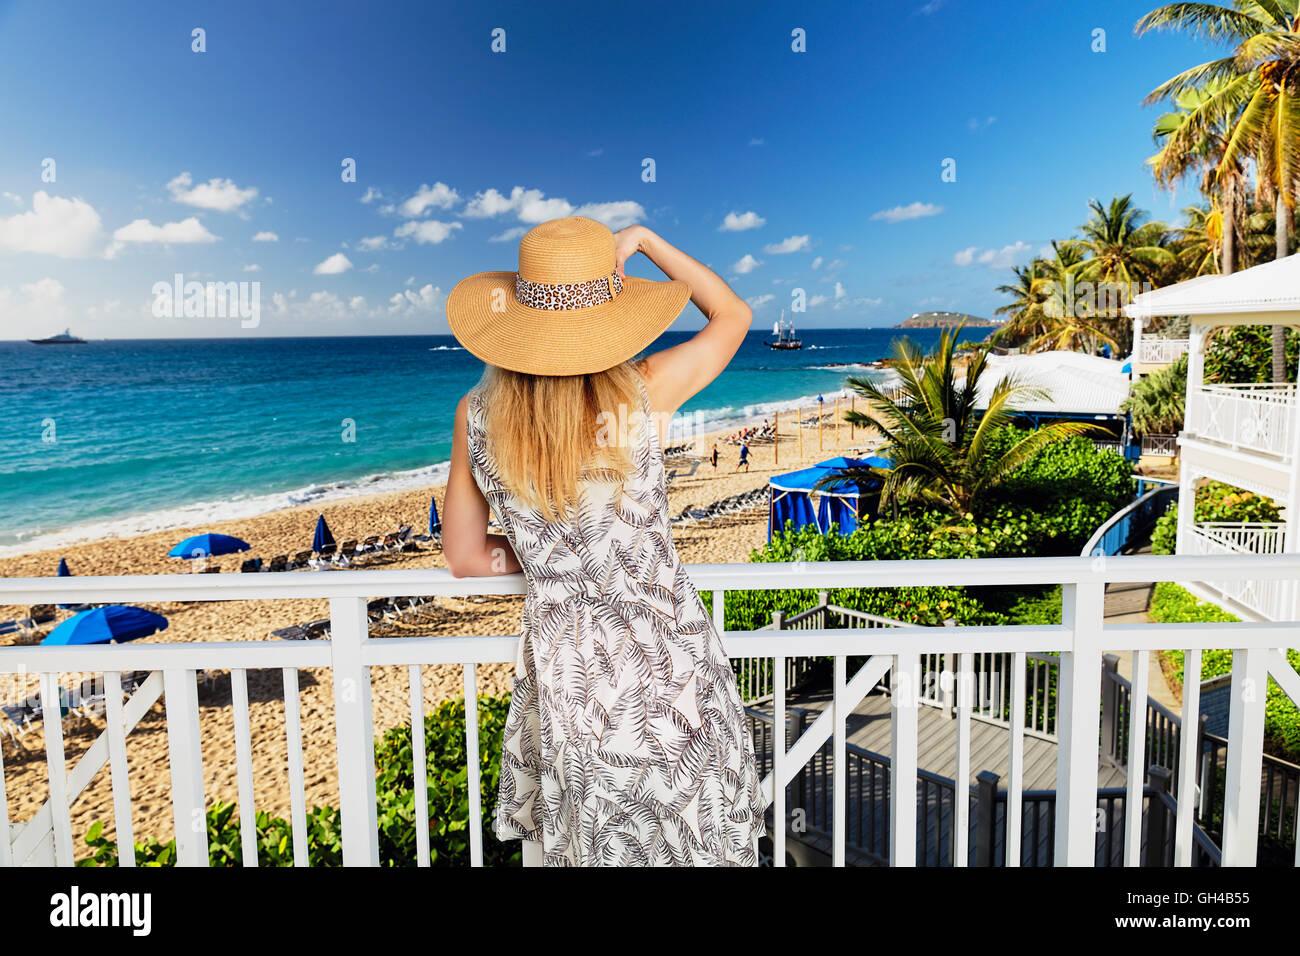 Rückseite Blick auf eine Frau in einem Sommerkleid und Hut ein Beach Resort von einem Balkon aus auf Stockbild